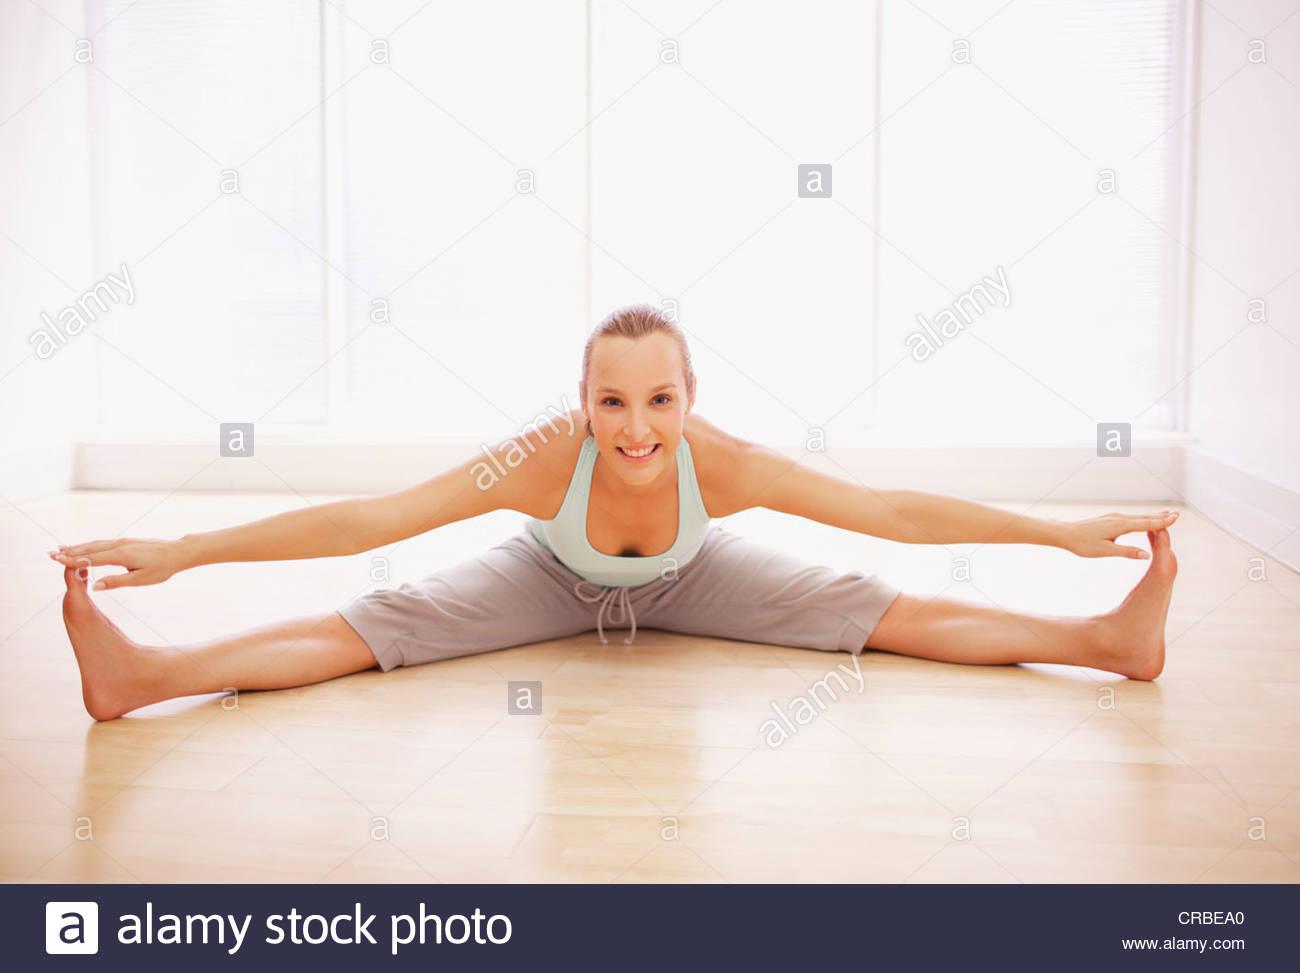 Frauen Mit Gespreitzten Beinen